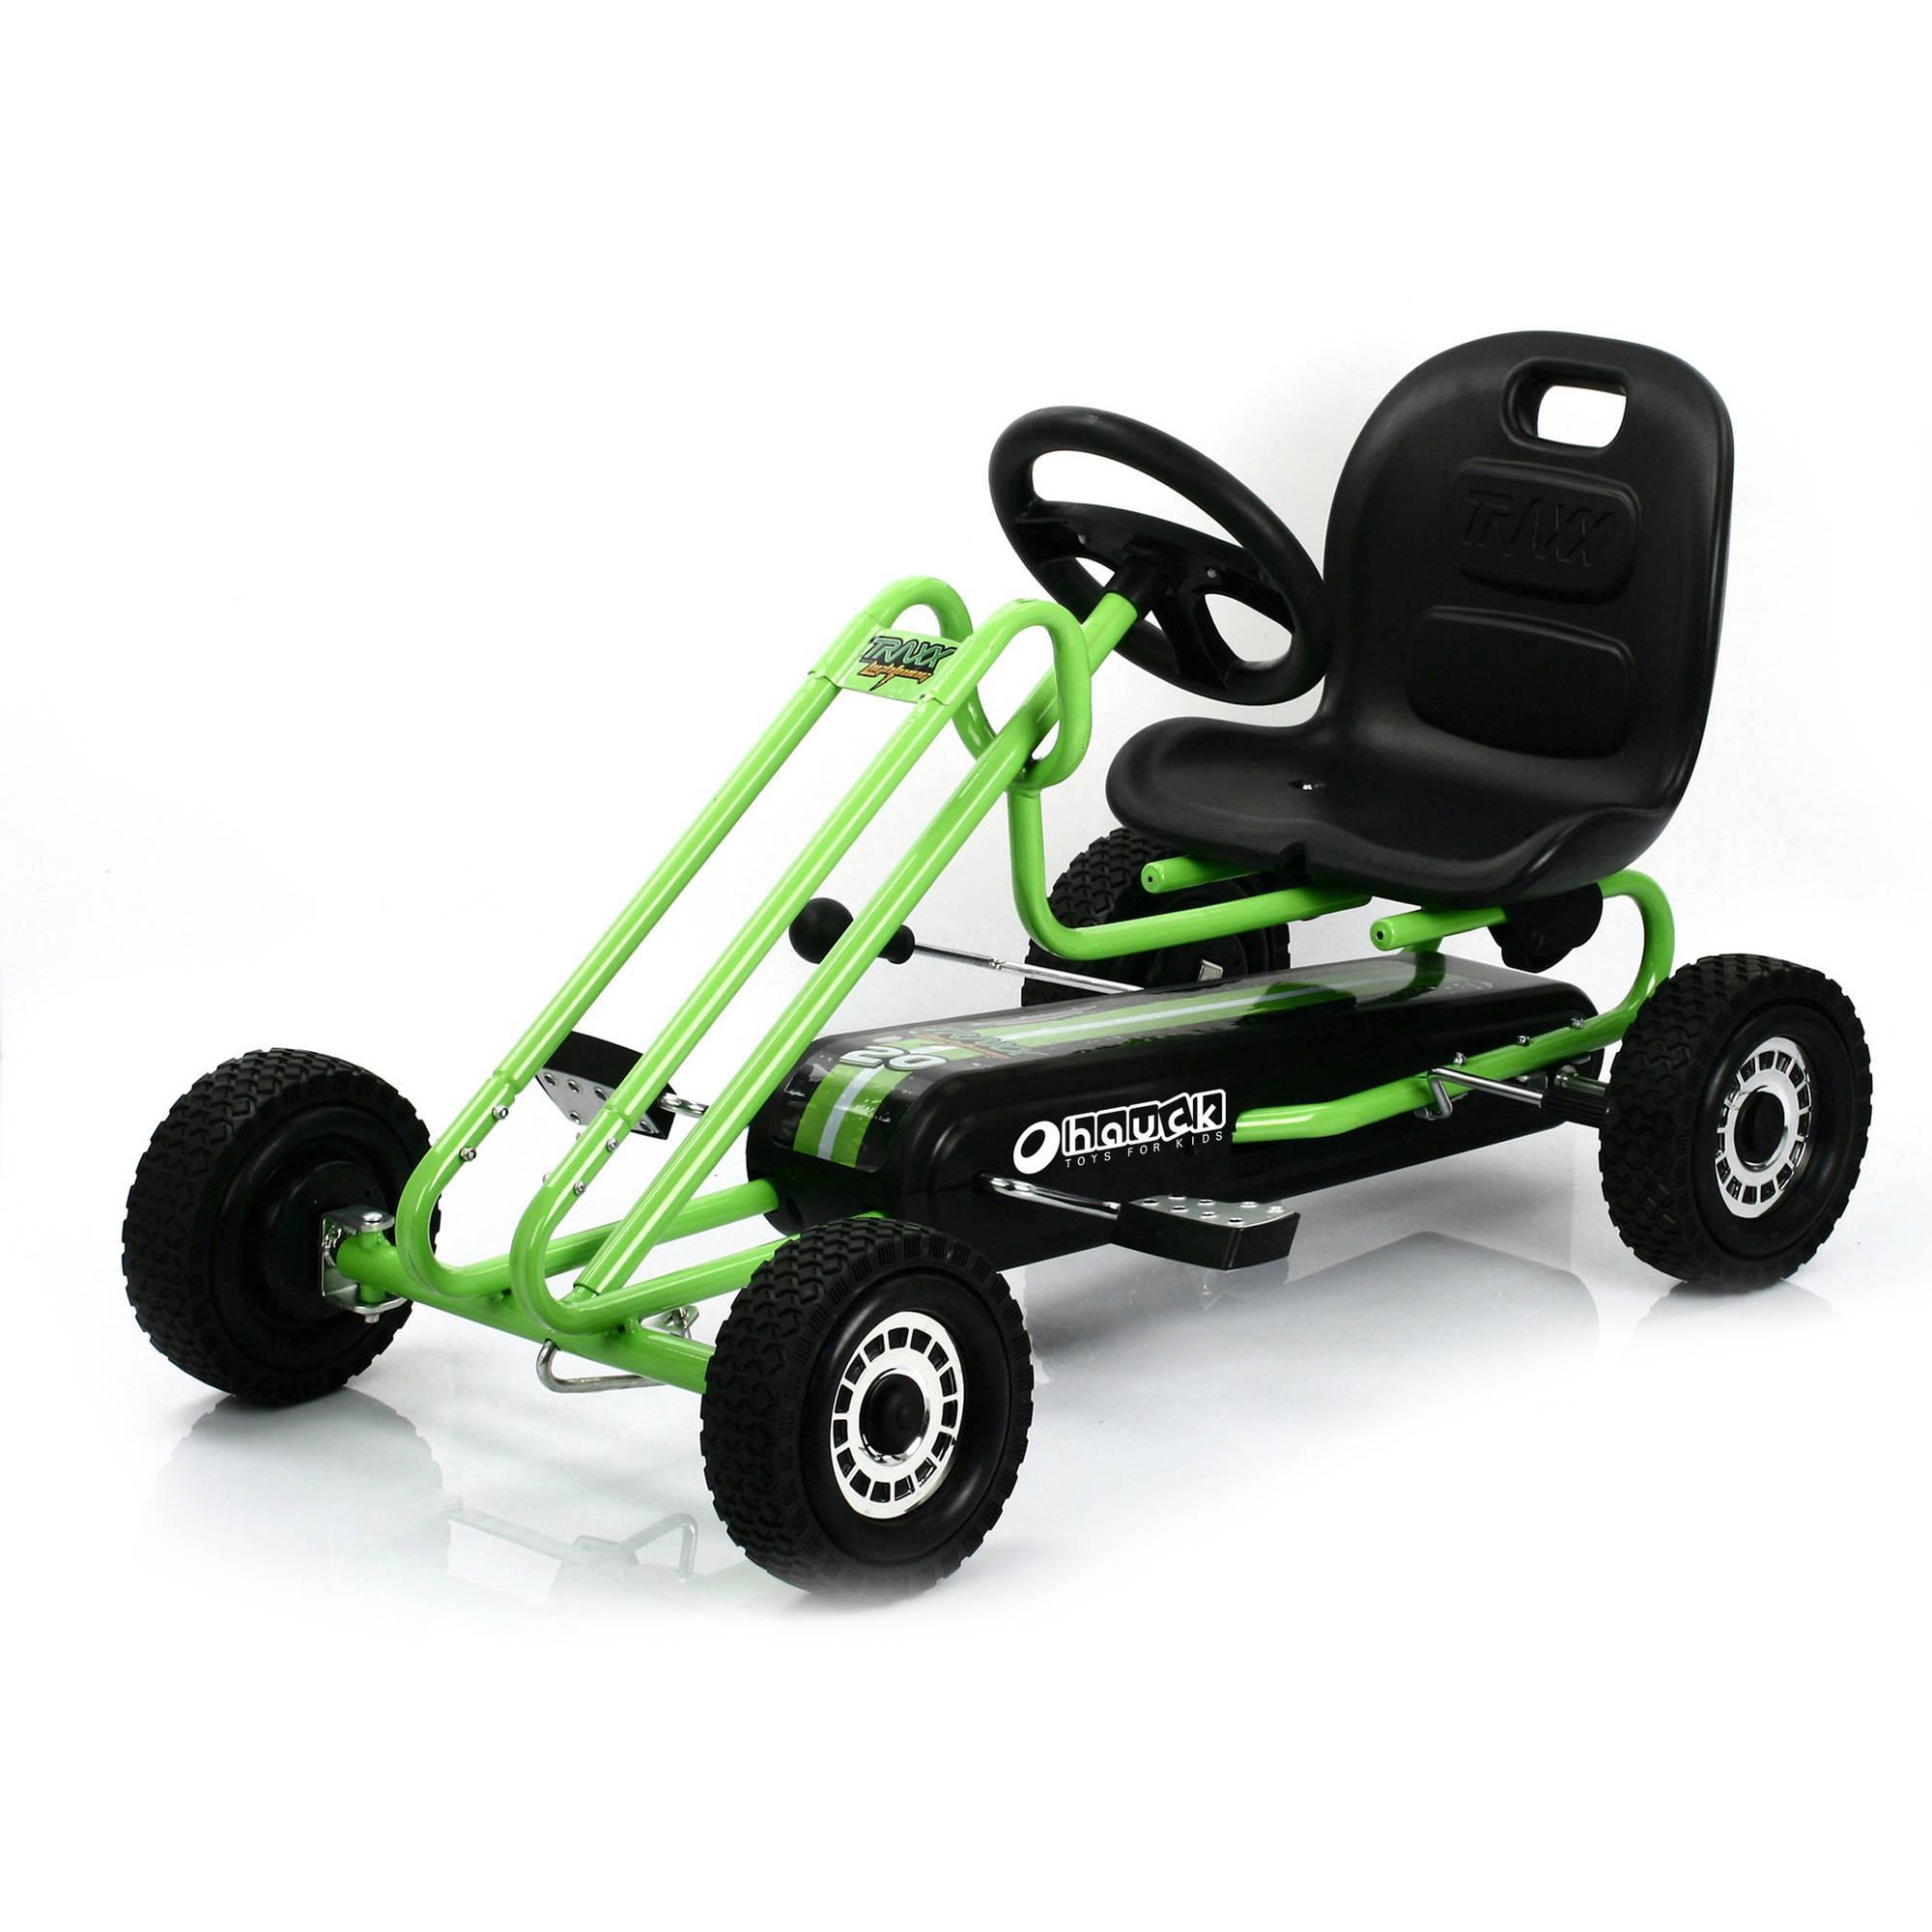 hauck 90105 lightning pedal go kart pedal cart race green best educational infant toys. Black Bedroom Furniture Sets. Home Design Ideas